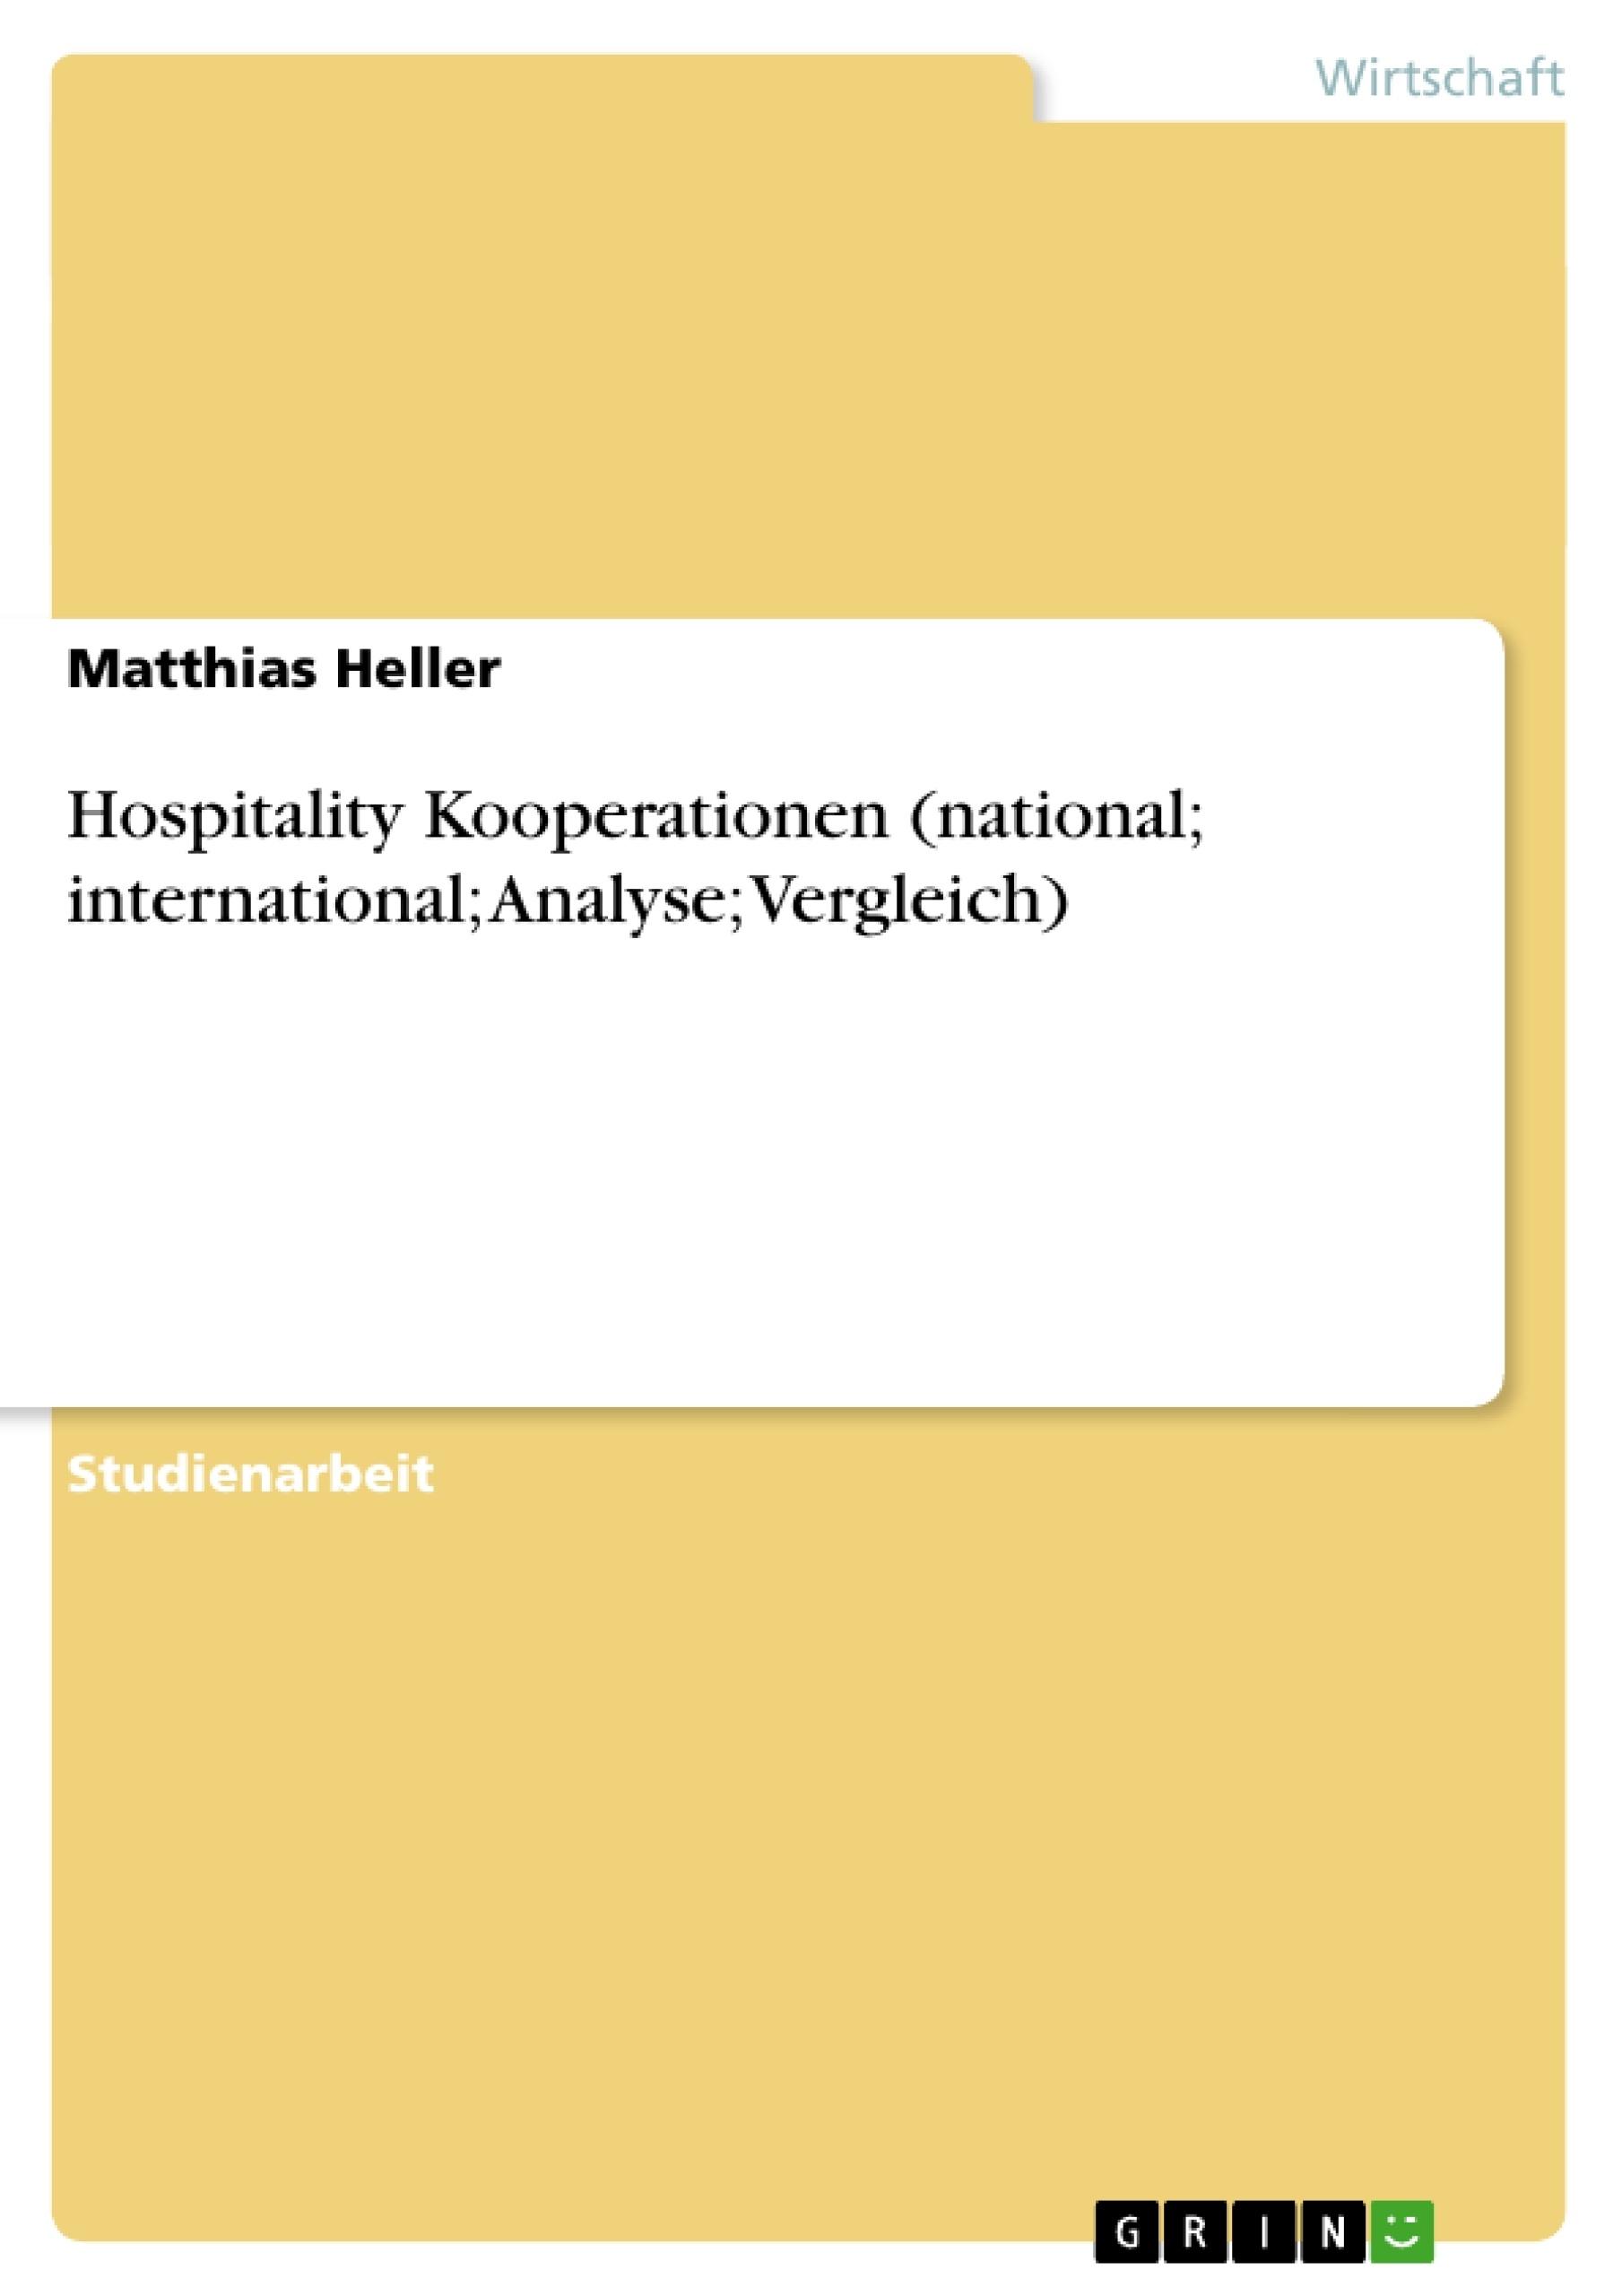 Titel: Hospitality Kooperationen (national; international; Analyse; Vergleich)